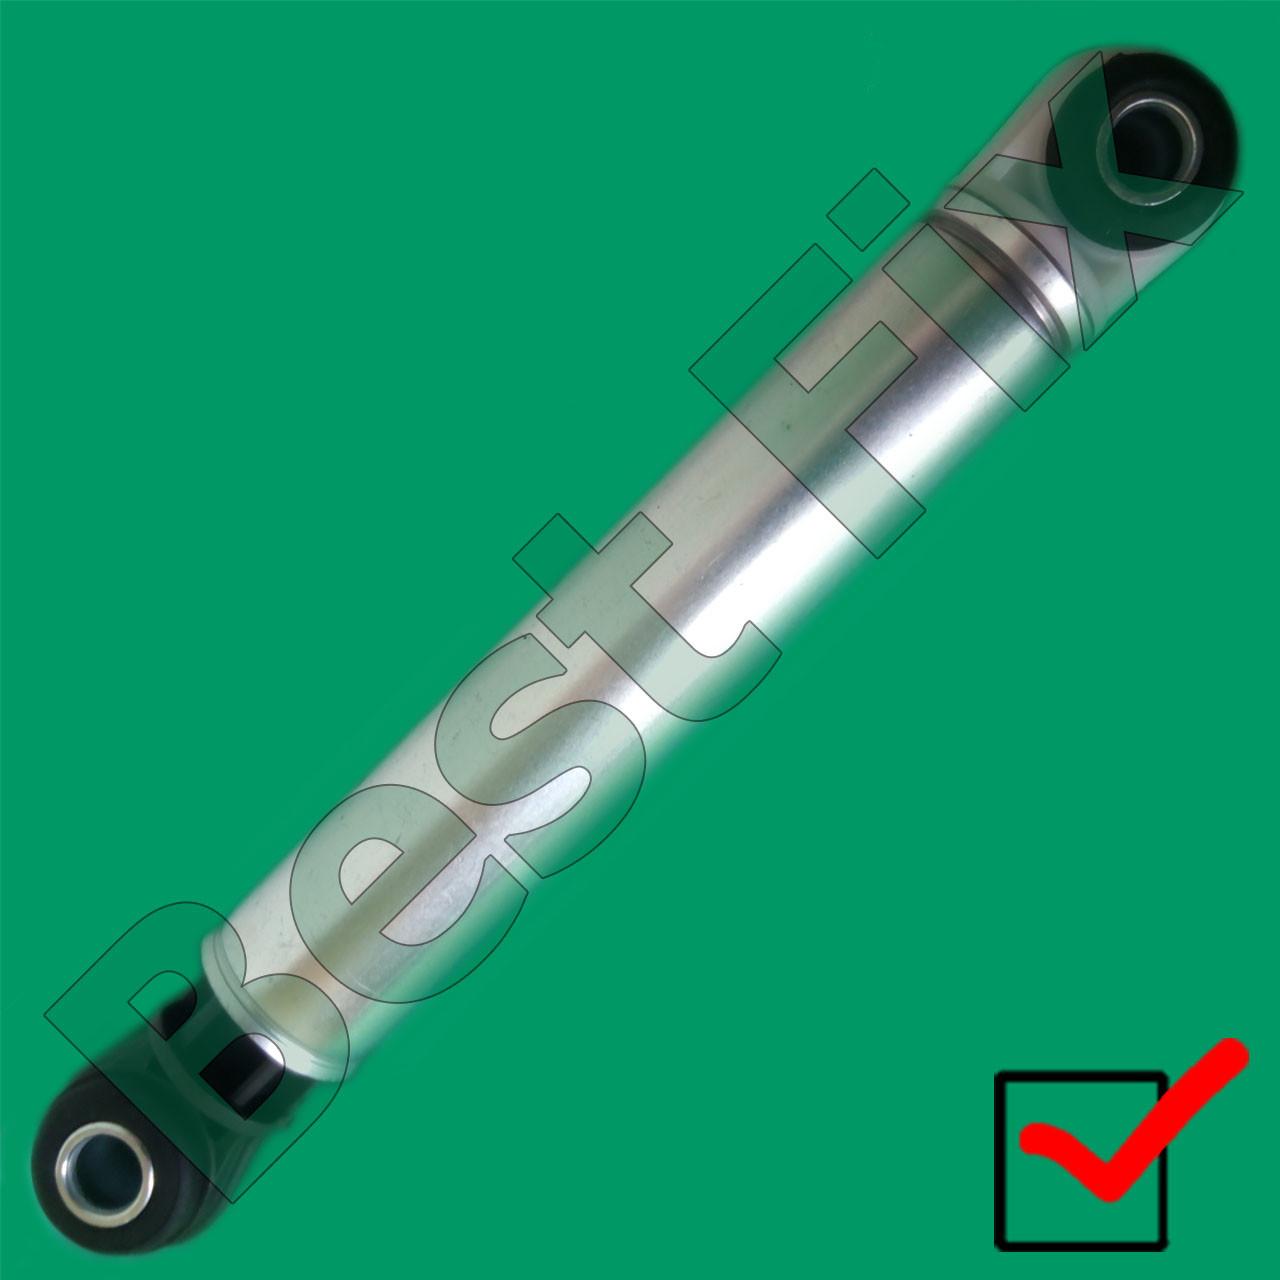 Амортизатор 120 N 190-275 mm втулка d 10 mm универсальный металлический